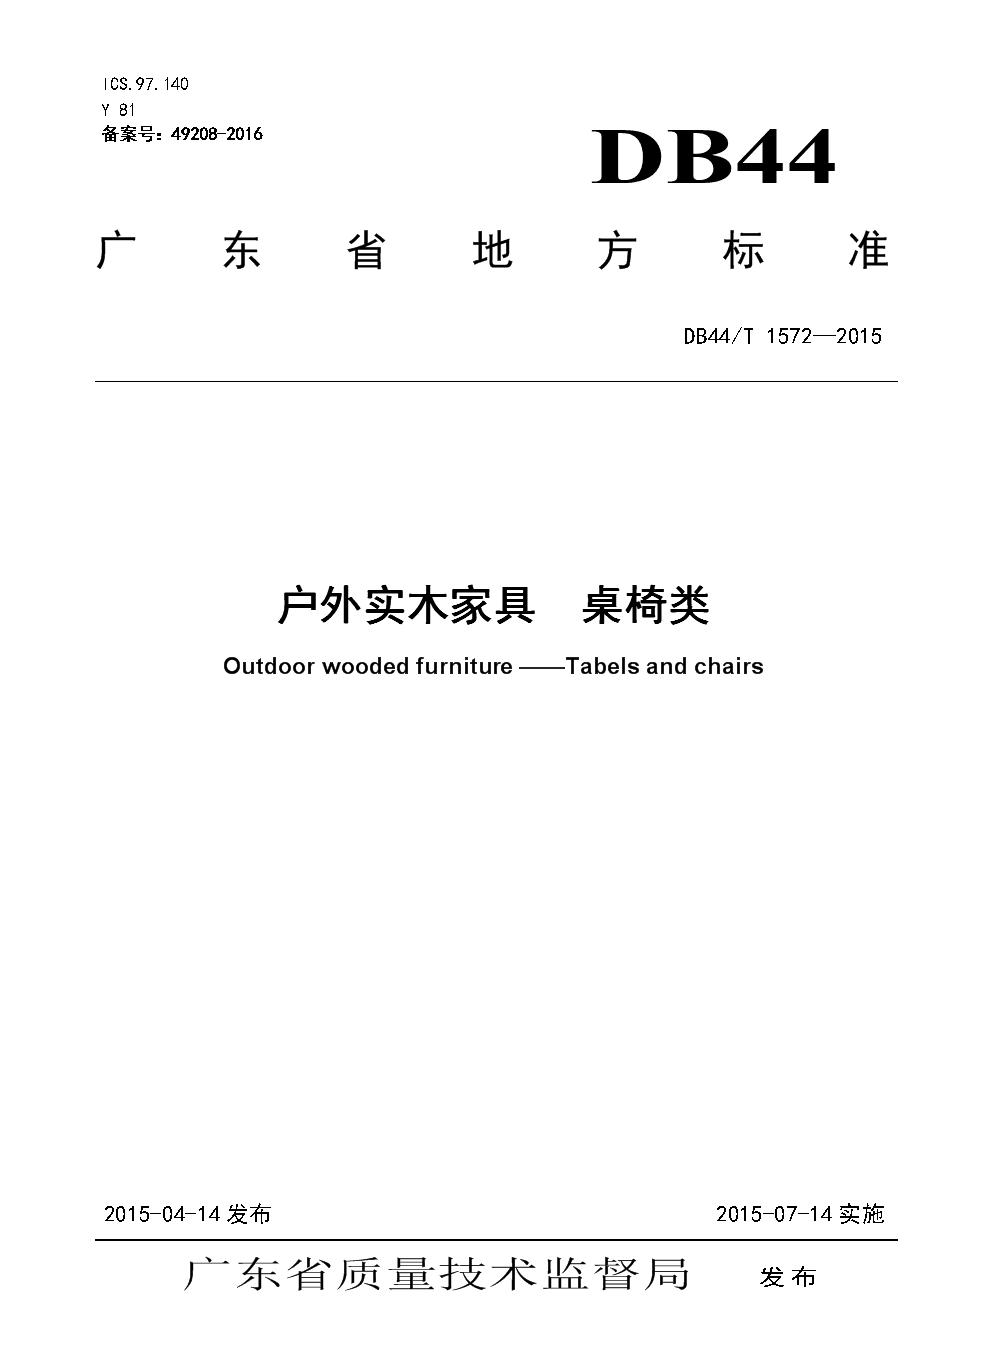 DB44∕T 1572-2015 户外实木家具 桌椅类.docx